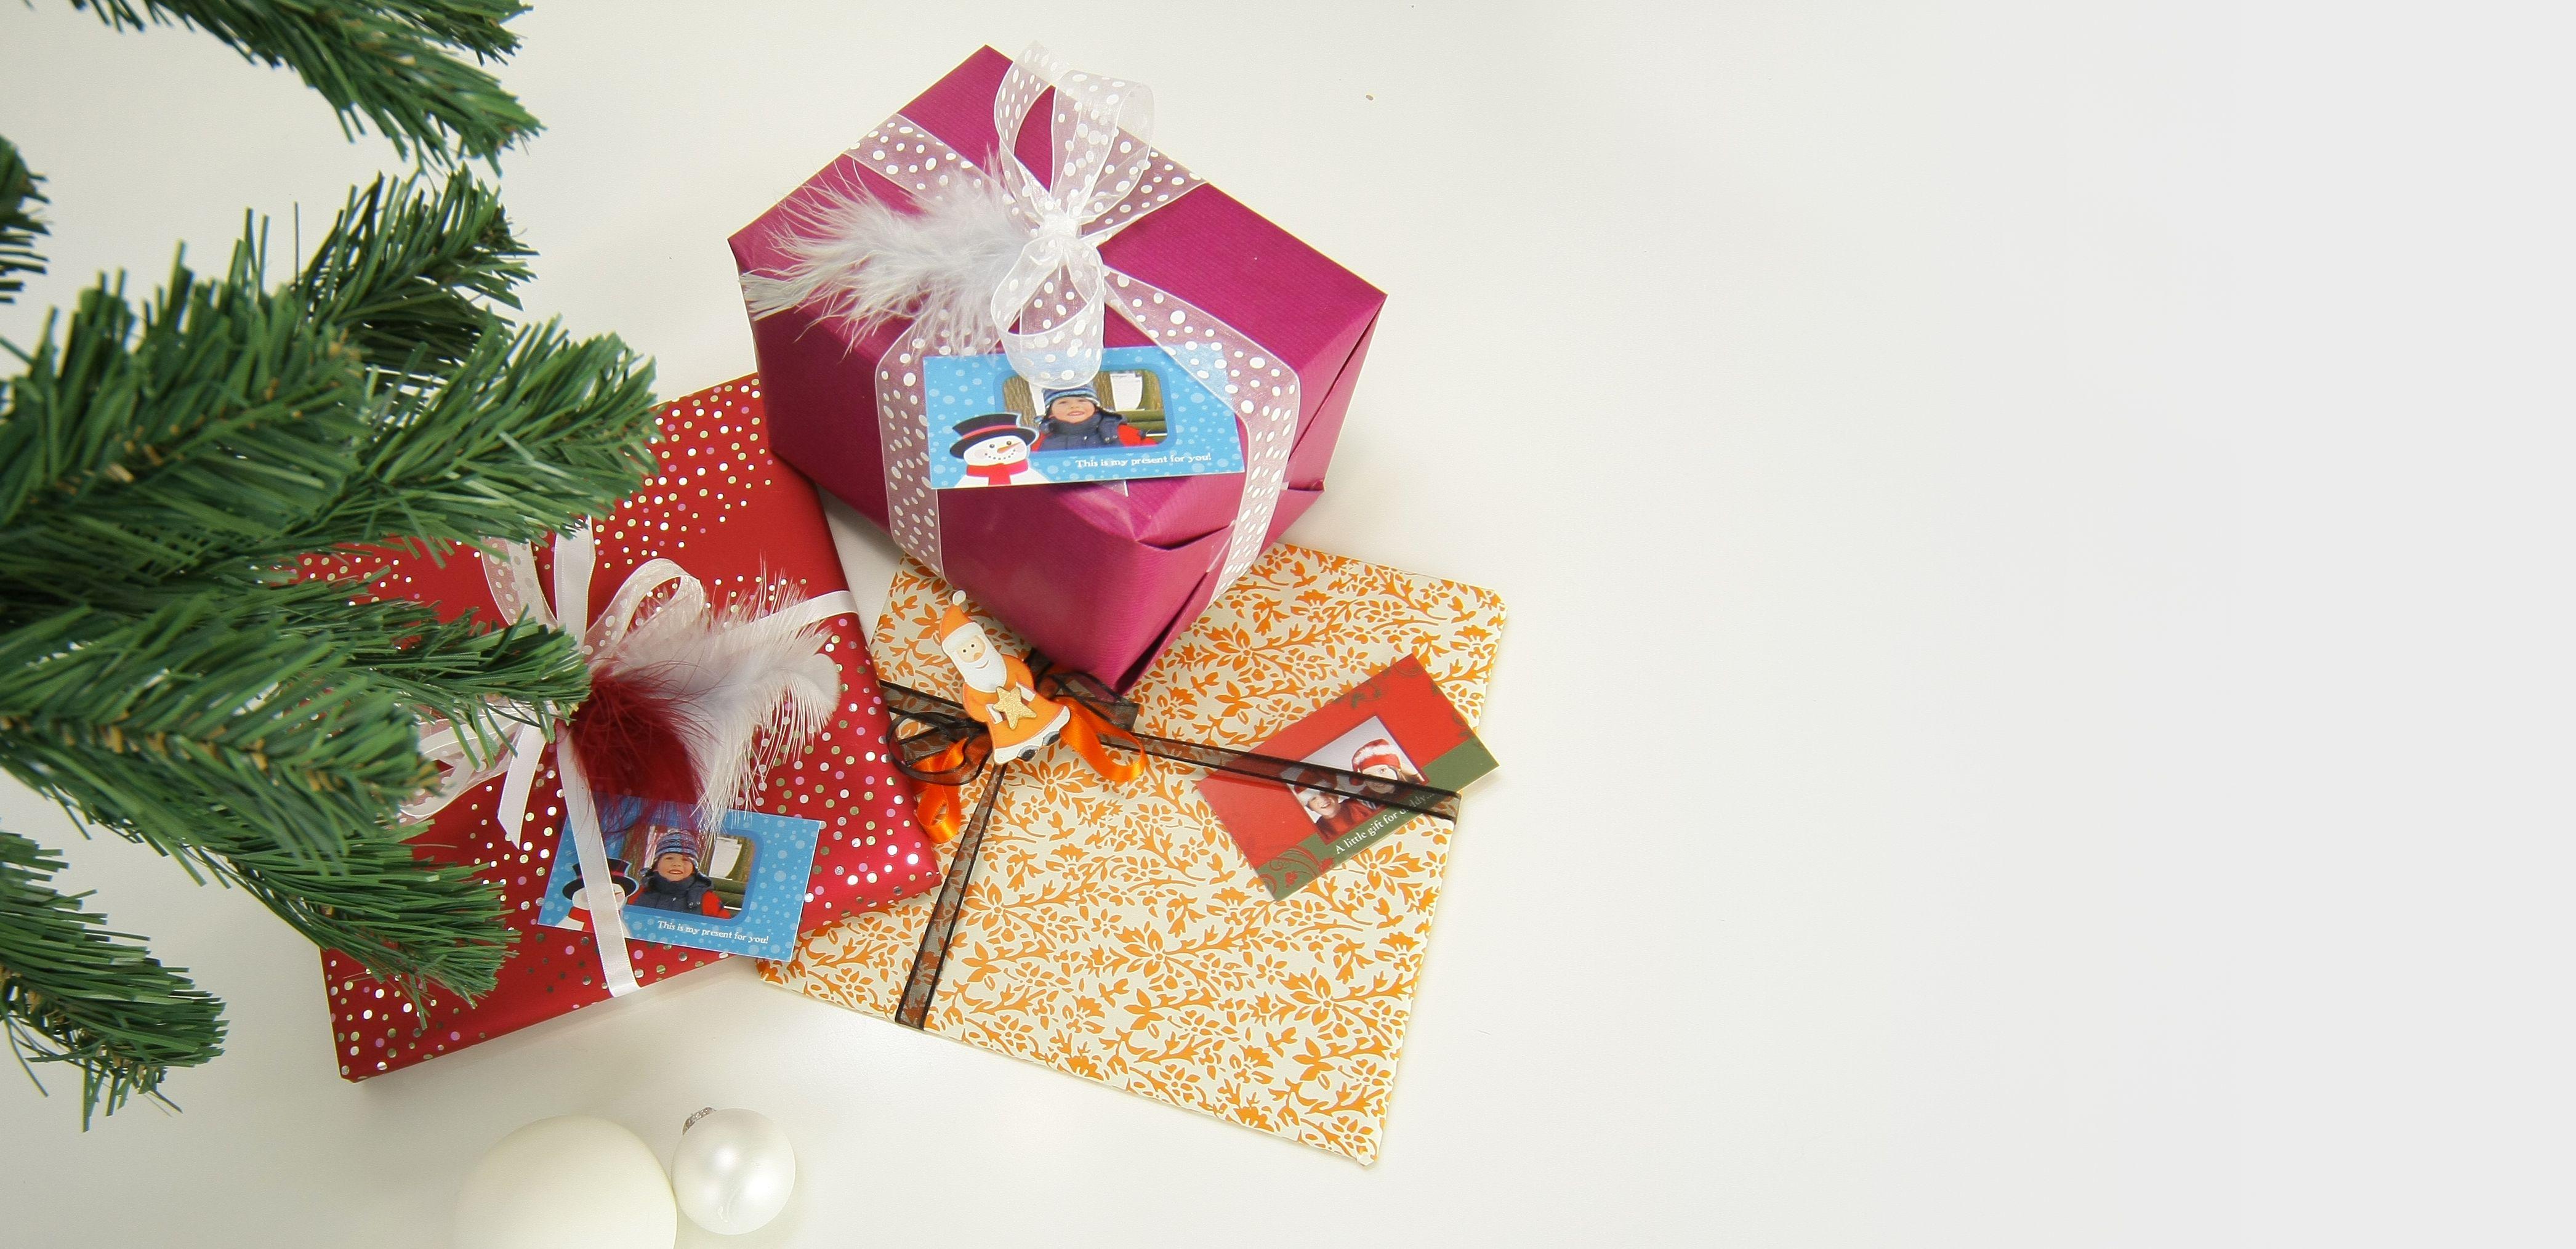 Foto-Geschenkideen von smartphoto sind die schönsten Weihnachtsgeschenke